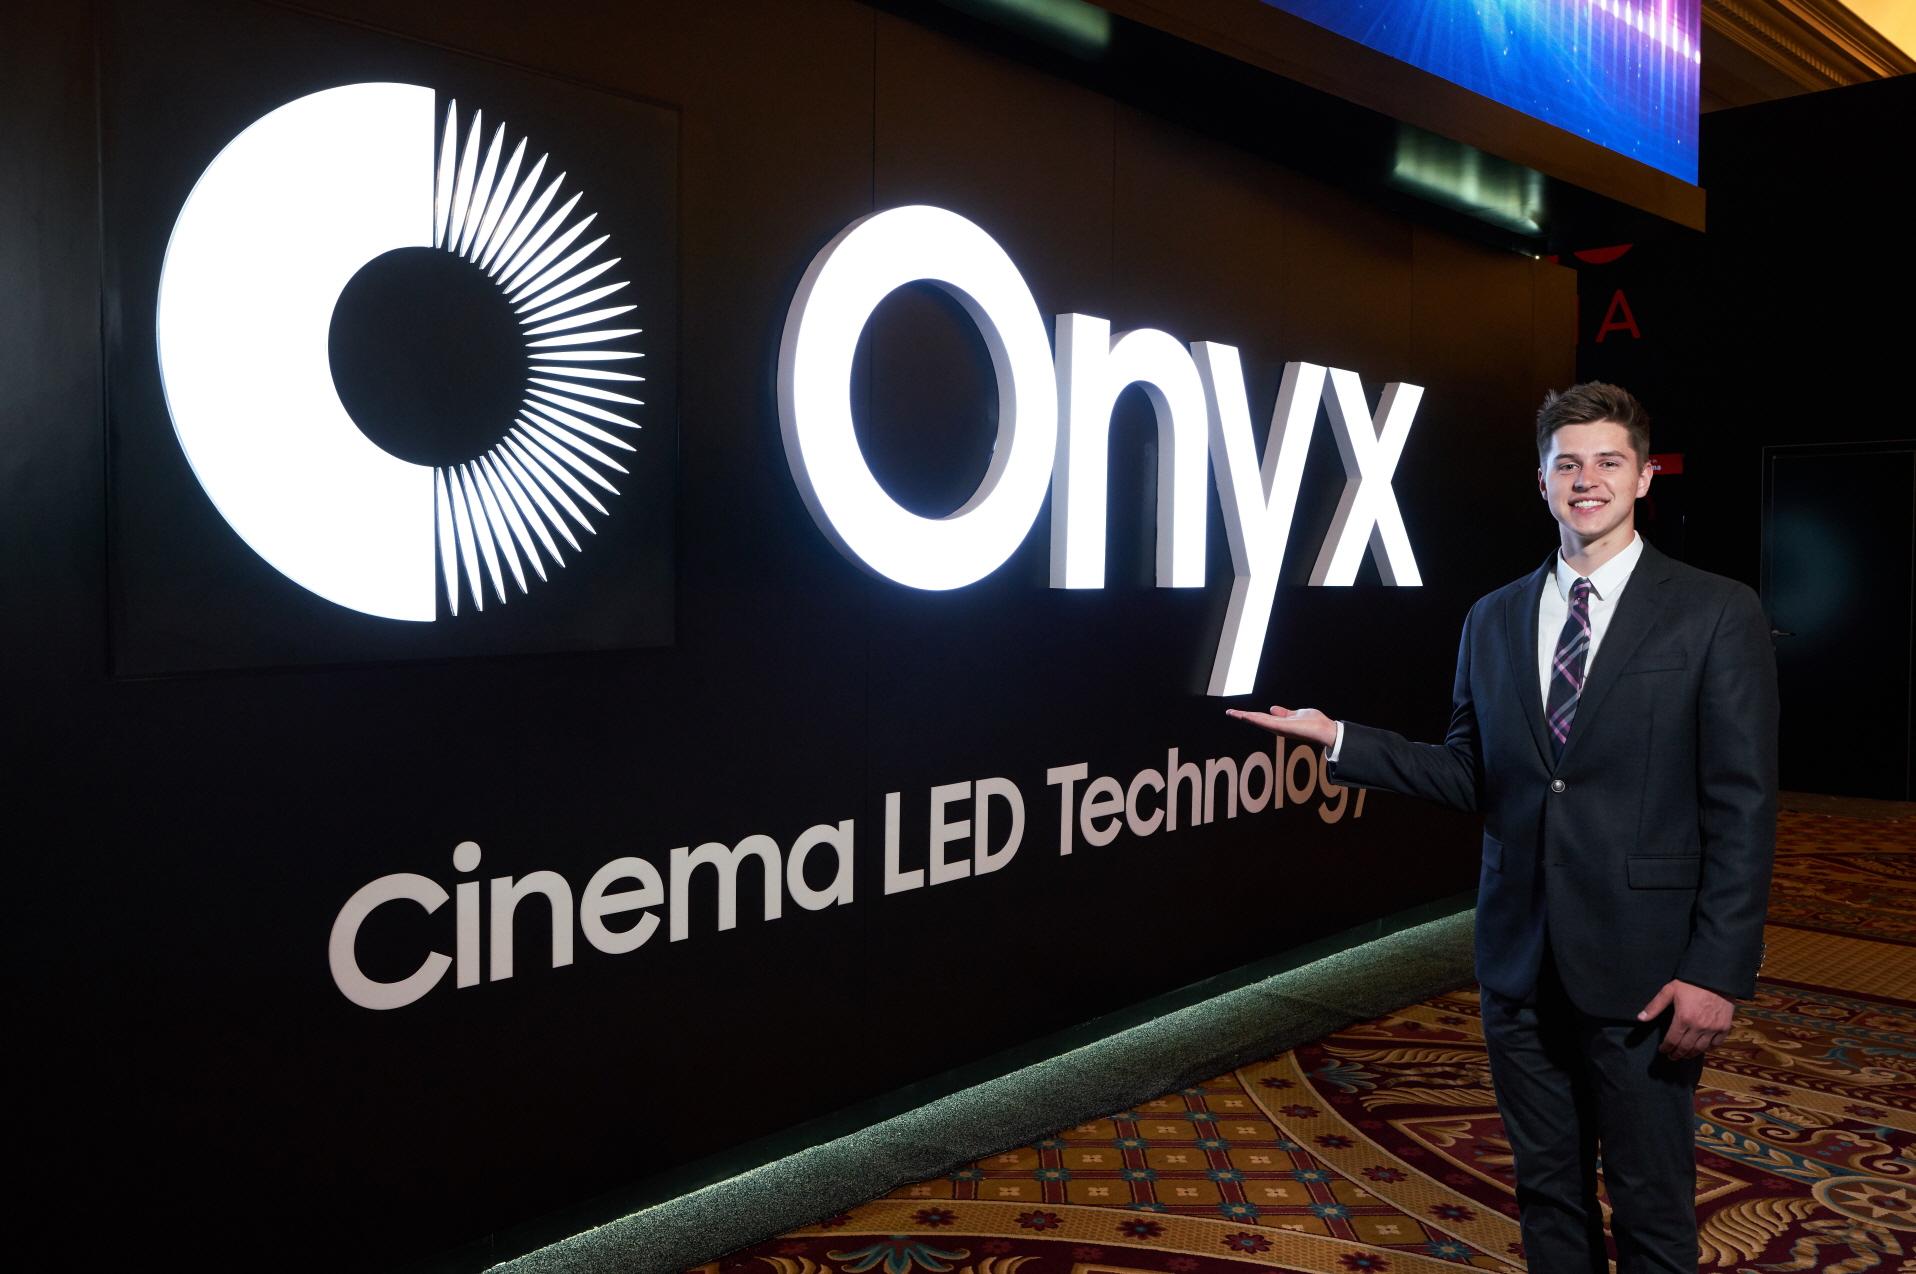 삼성전자가 24일(현지시간)부터 3일간 미국 라스베이거스에서 열리는 세계 최대 영화산업 박람회 '시네마콘(CinemaCon) 2018'에 참가해 삼성 시네마 LED의 신규 브랜드인 '오닉스(Onyx)'를 처음 소개하고, 앞으로 이 제품이 설치되는 상영관을 '오닉스'관으로 부르기로 했다. '오닉스'관을 설치한 '시네마콘 2018'의 삼성전자 부스 사진.